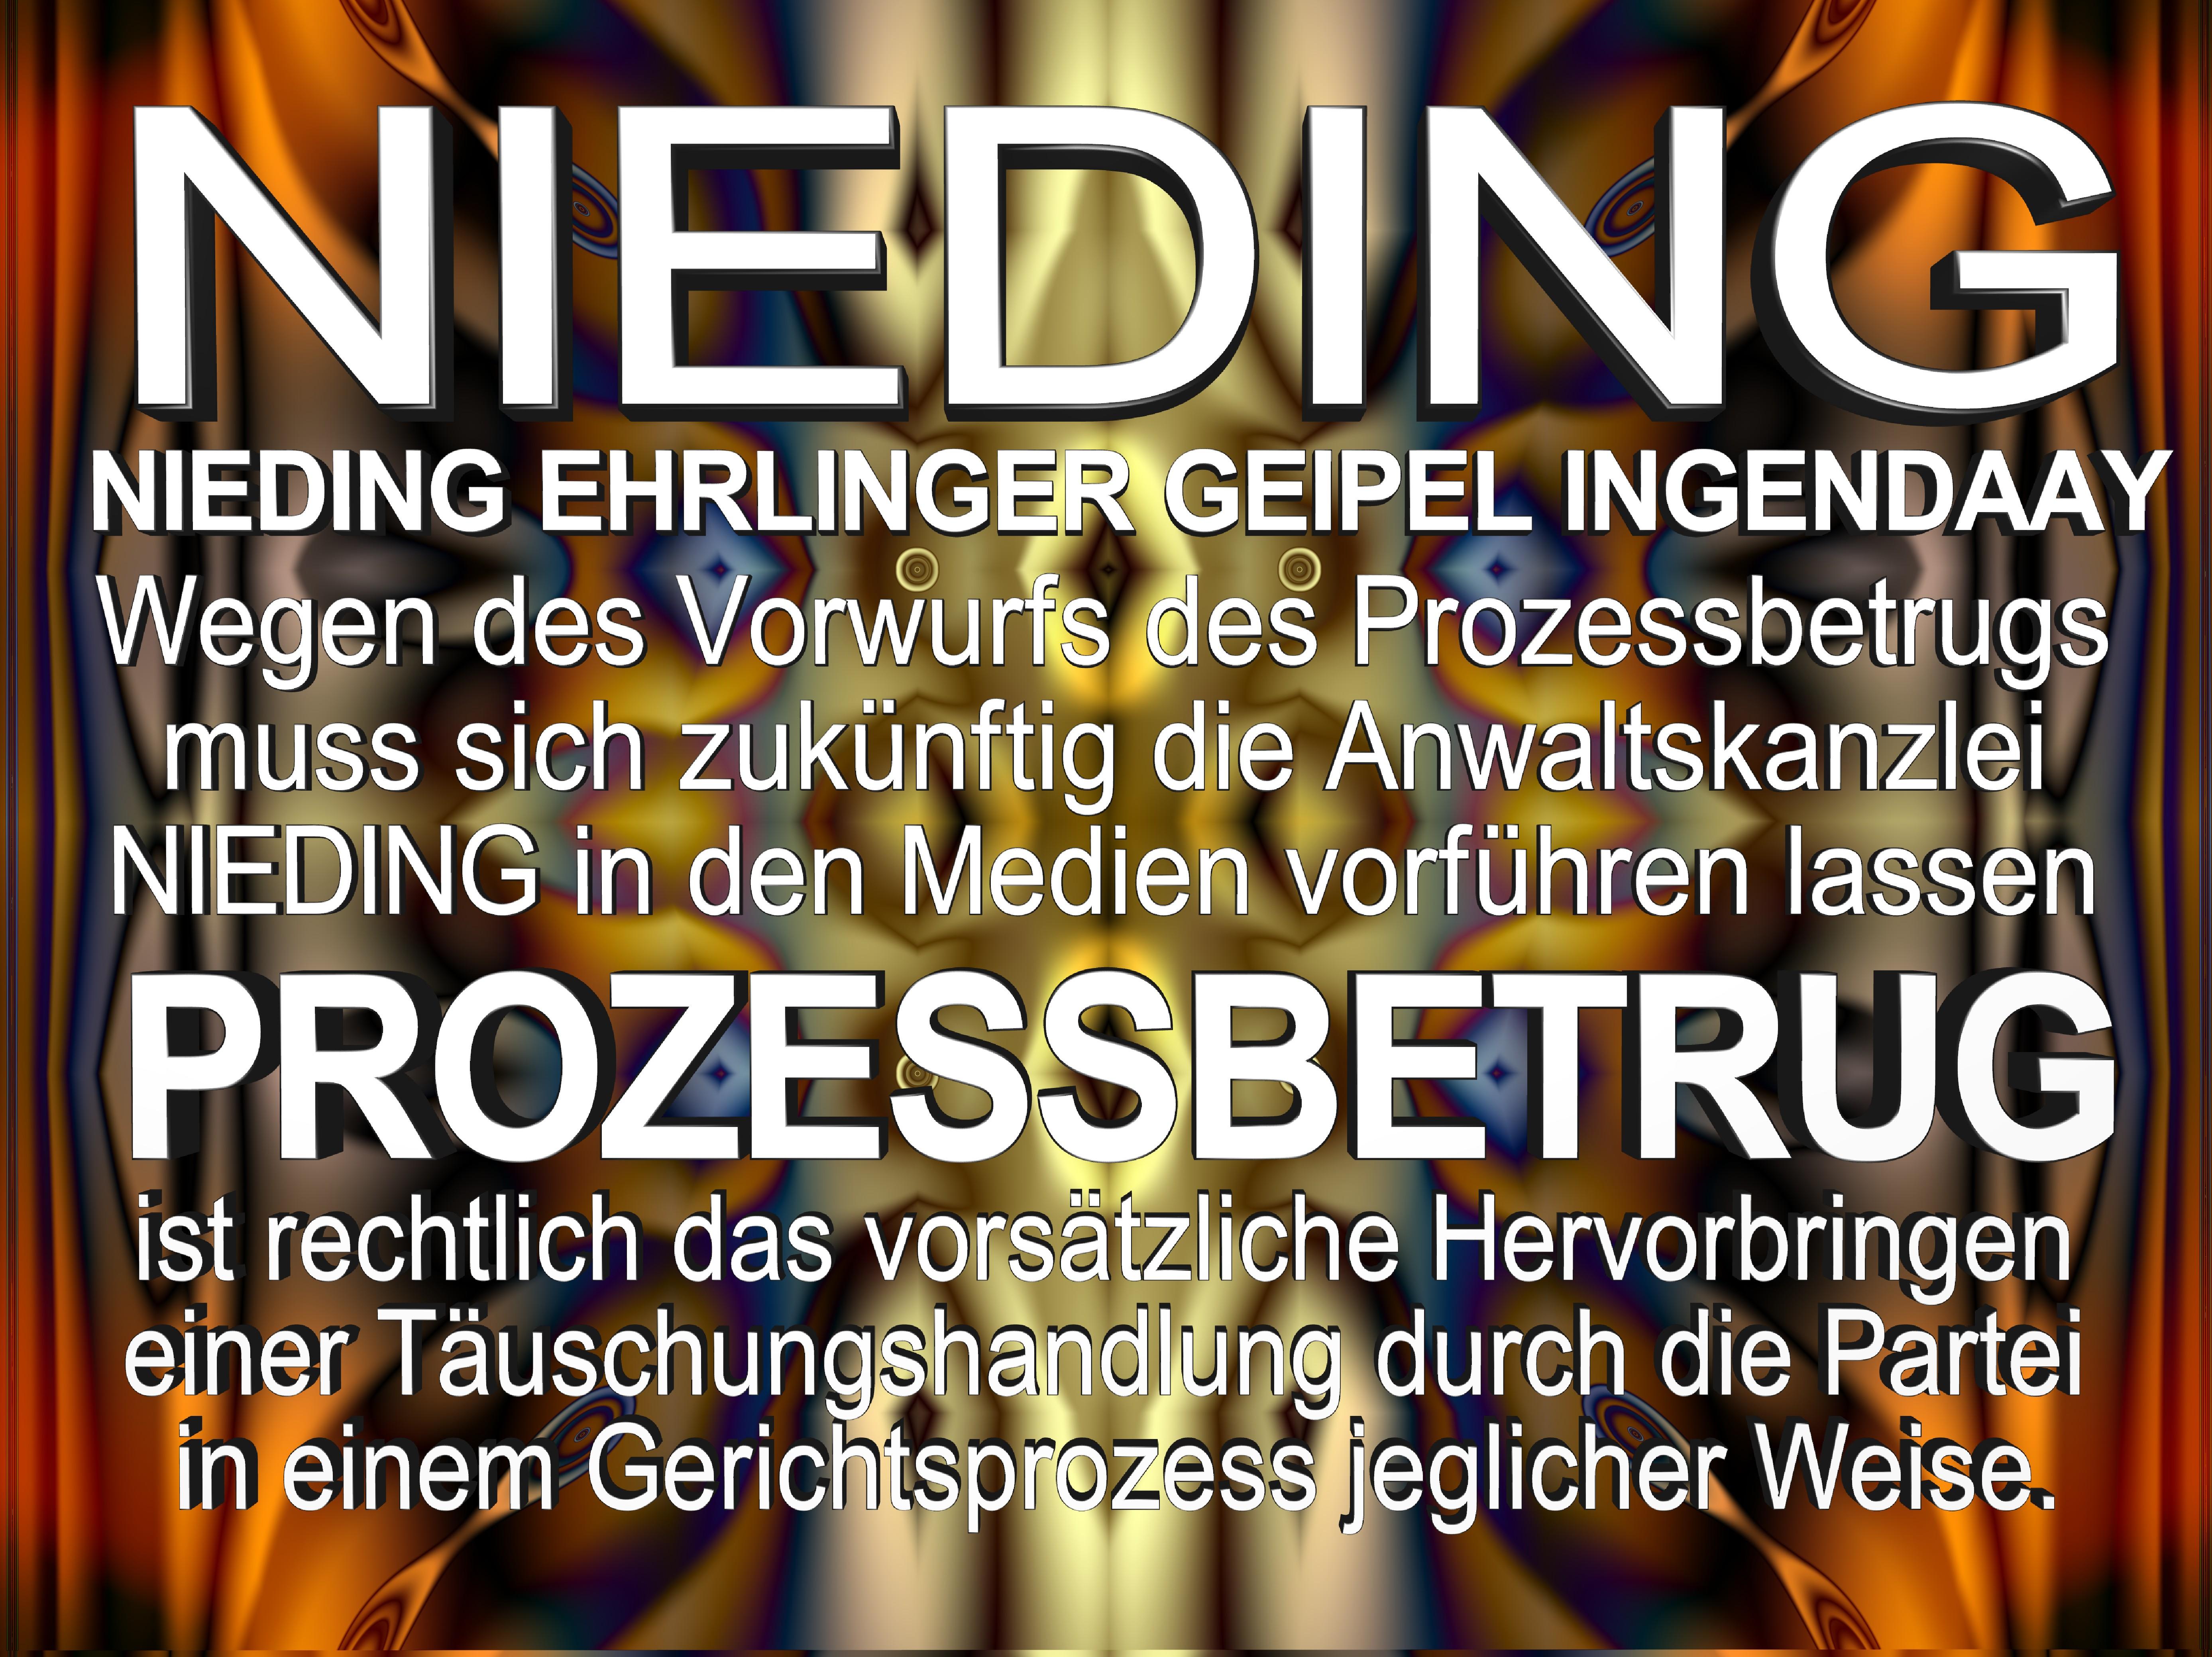 NIEDING EHRLINGER GEIPEL INGENDAAY LELKE Kurfürstendamm 66 Berlin (175)